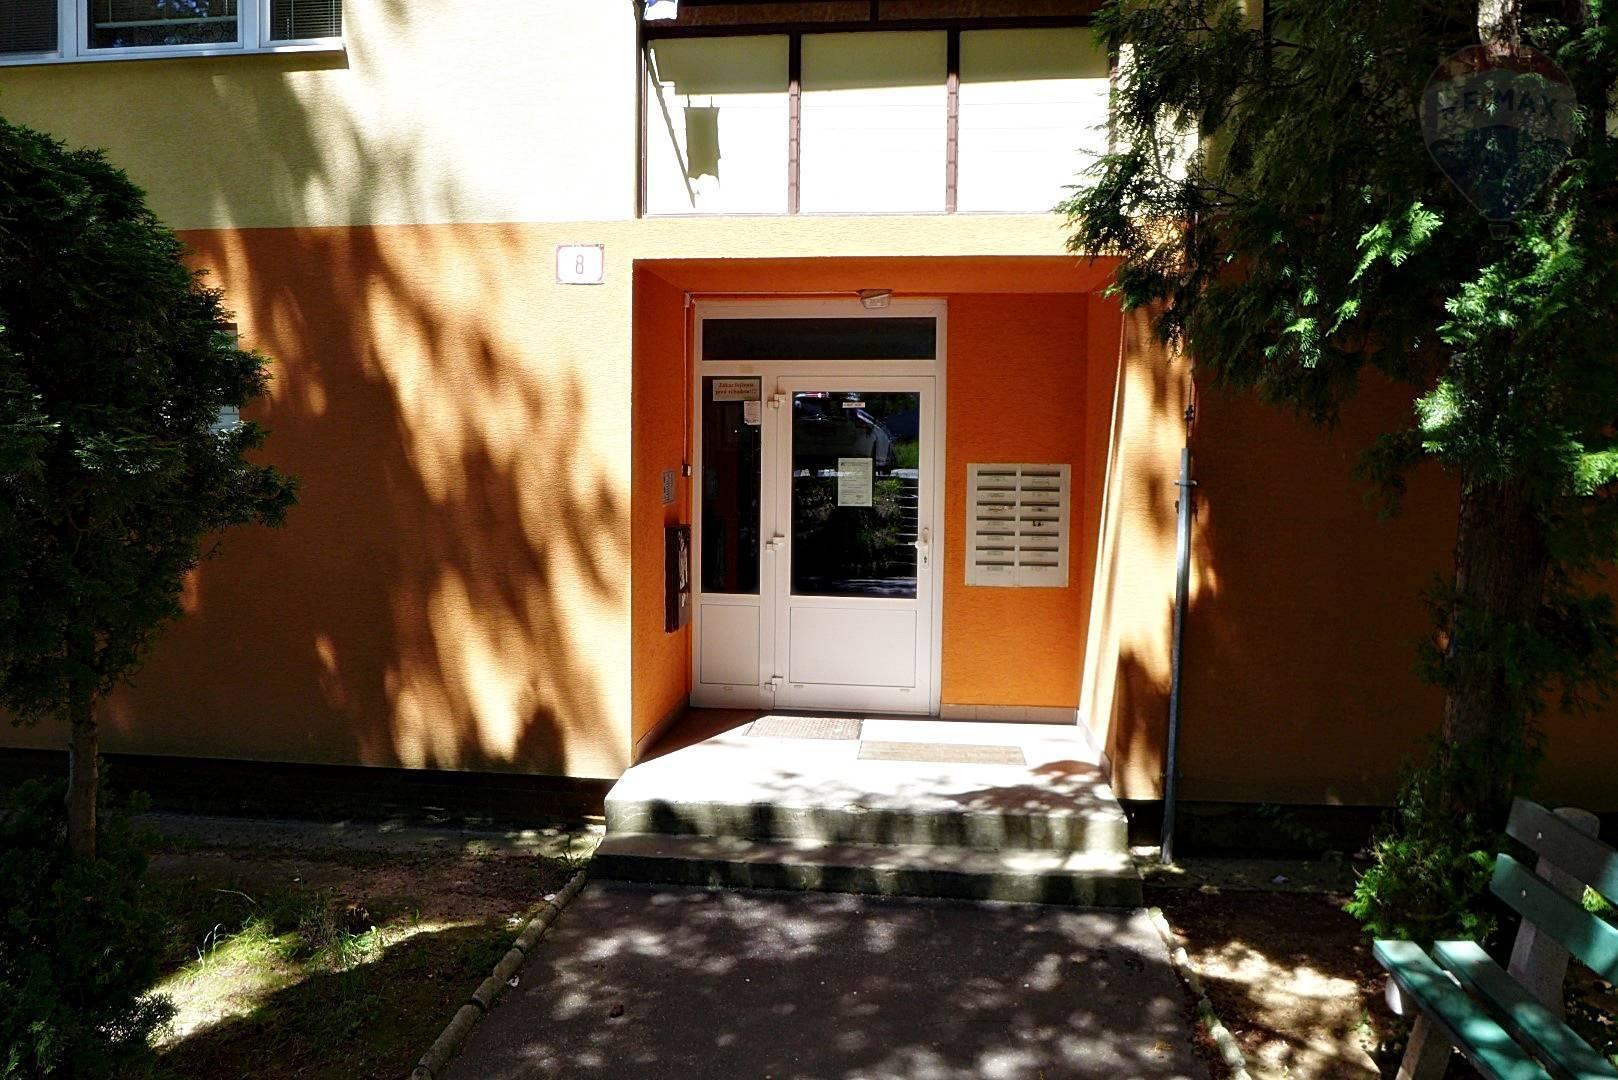 PREDAJ  3 izbový byt, 70 m2 - lógia ul. A. Bernoláka - sídl. Sever PRIEVIDZA